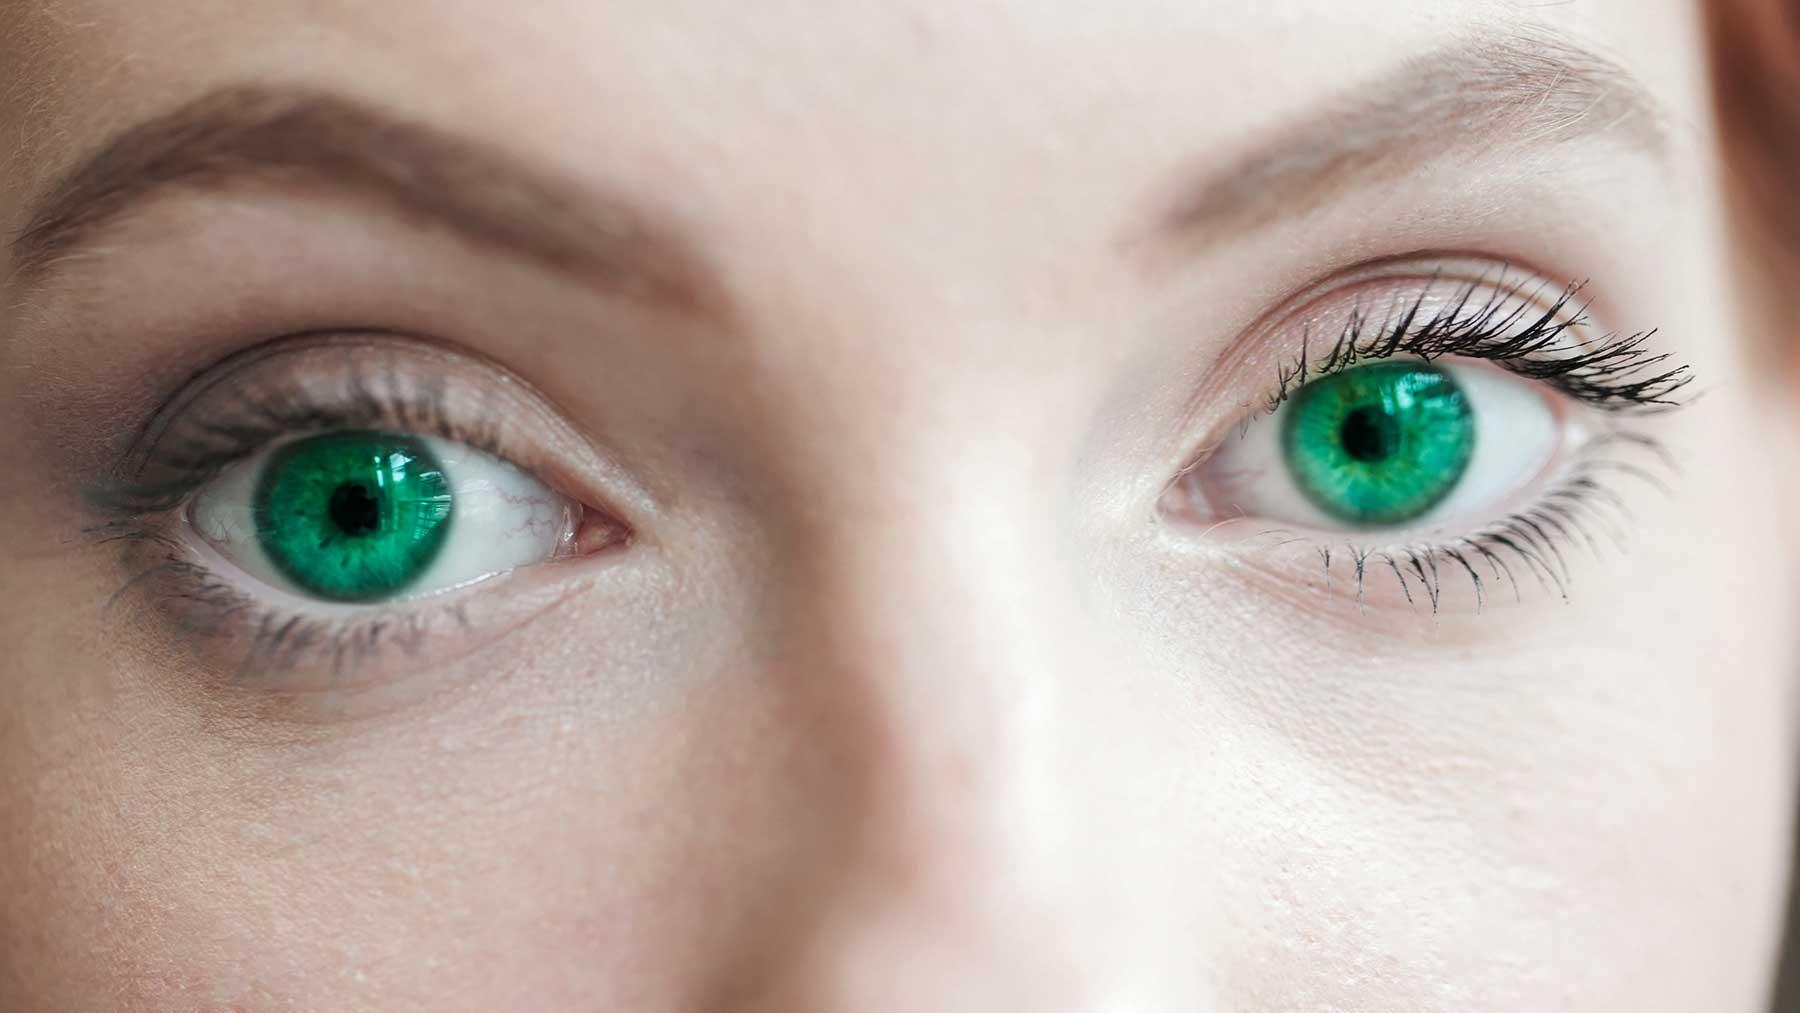 Spalvoti kontaktiniai lęšiai – ar jie kelia pavojų mūsų regėjimui?